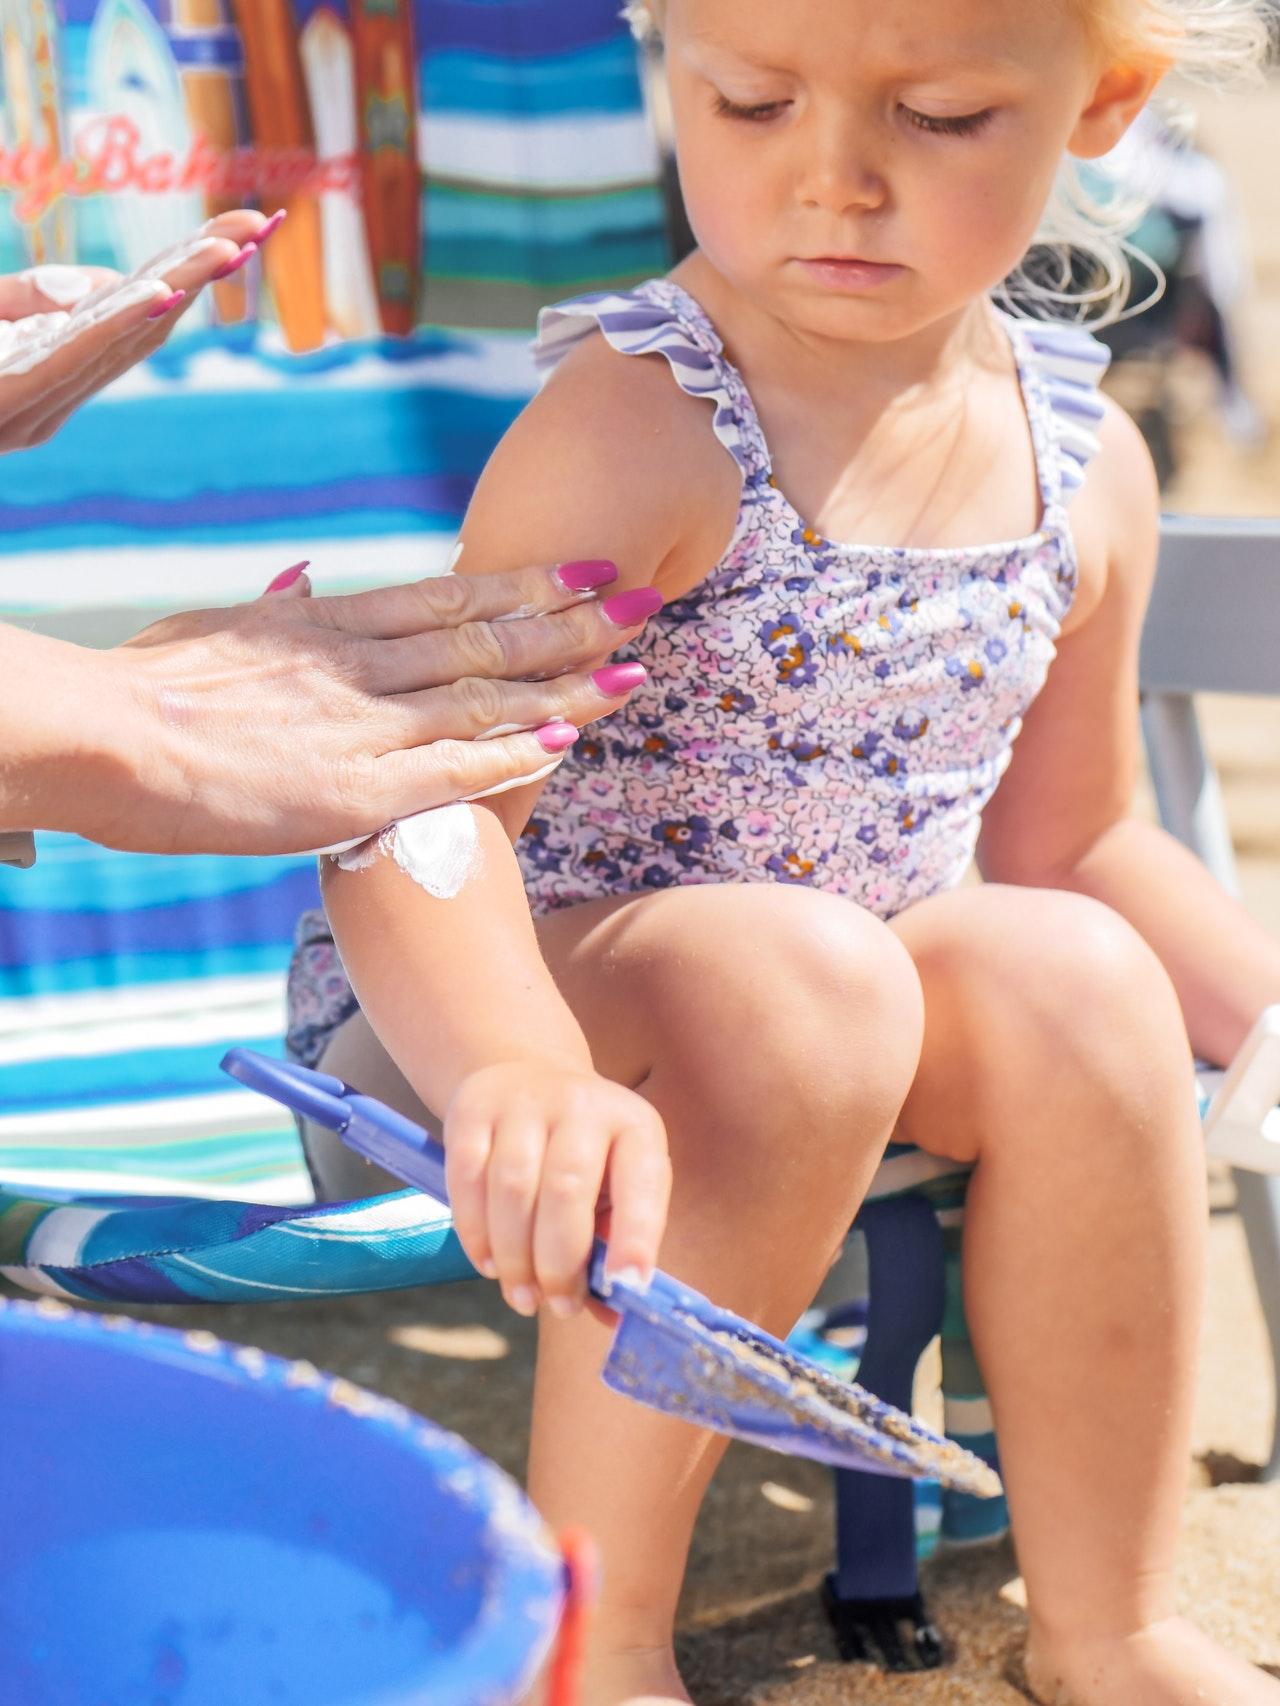 Los niños también deben usar protectores solares   Foto: Pexels